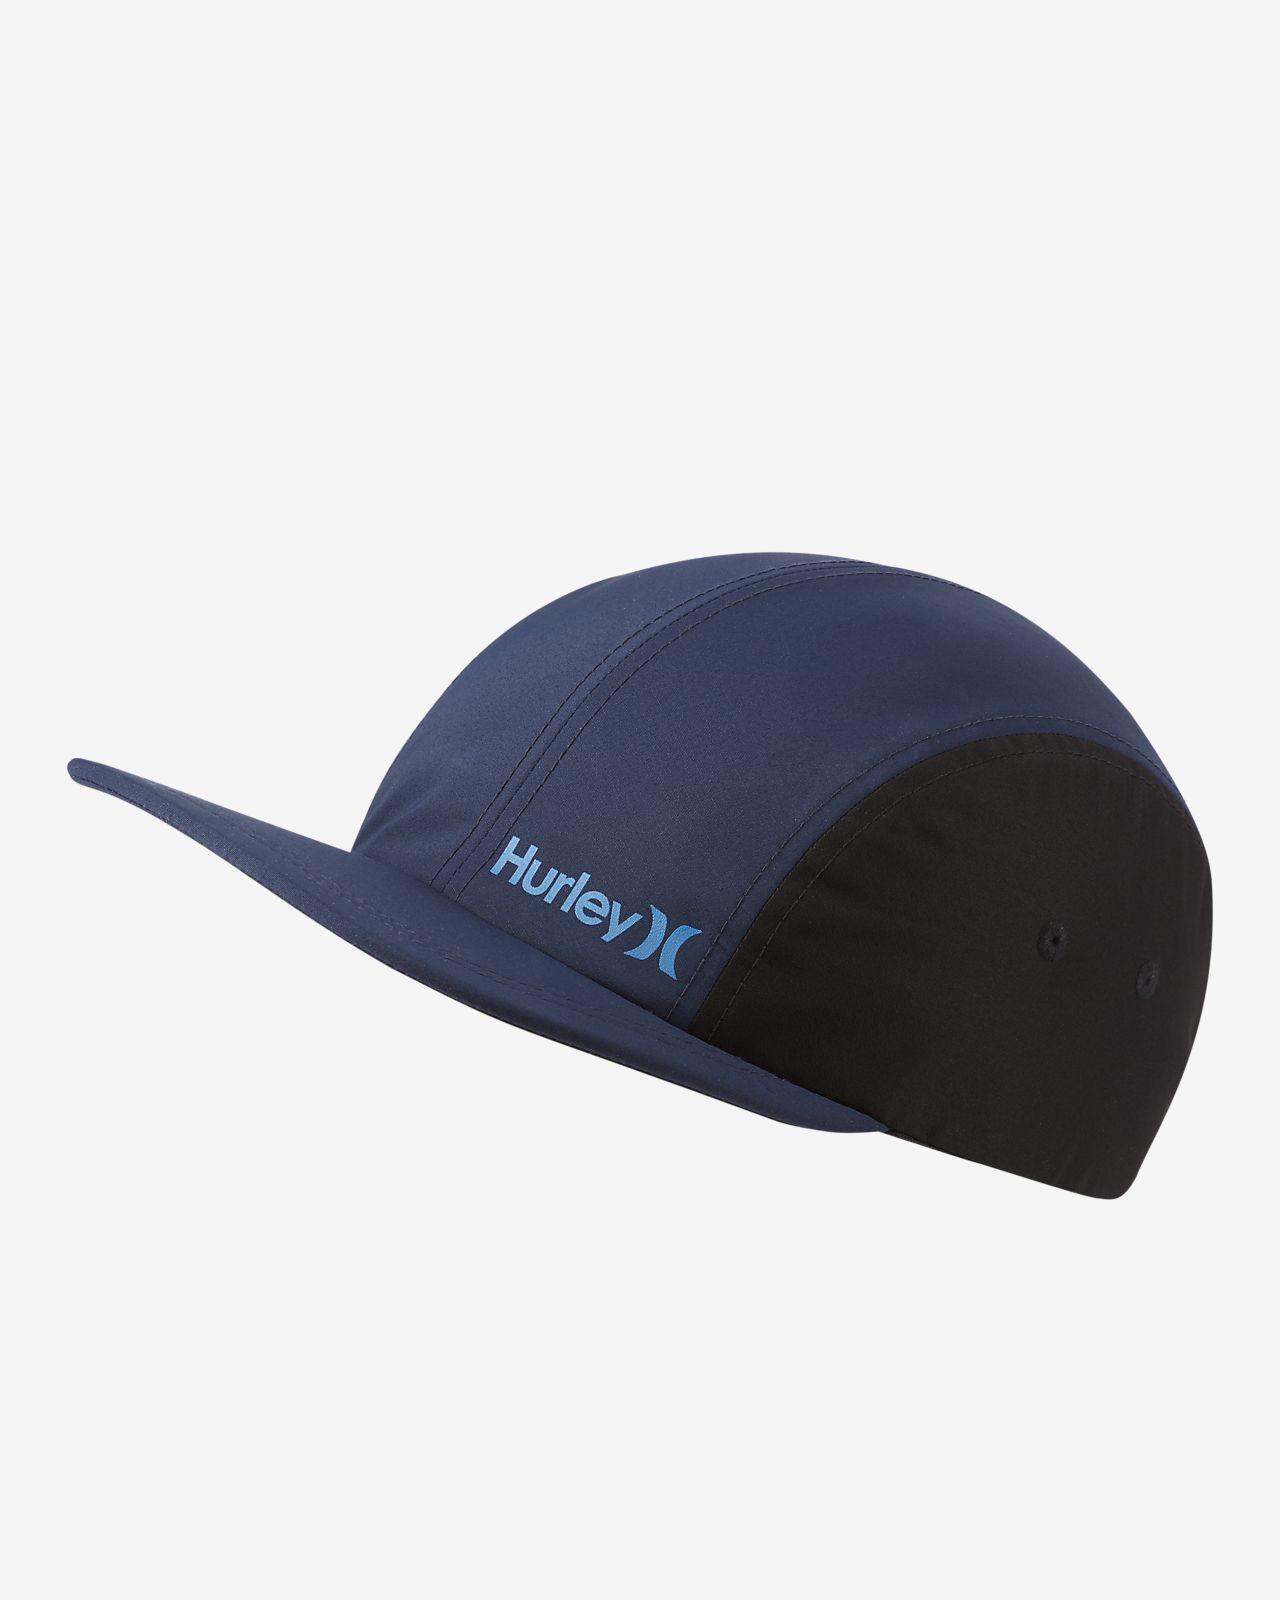 Ανδρικό καπέλο Hurley Repel Blocked